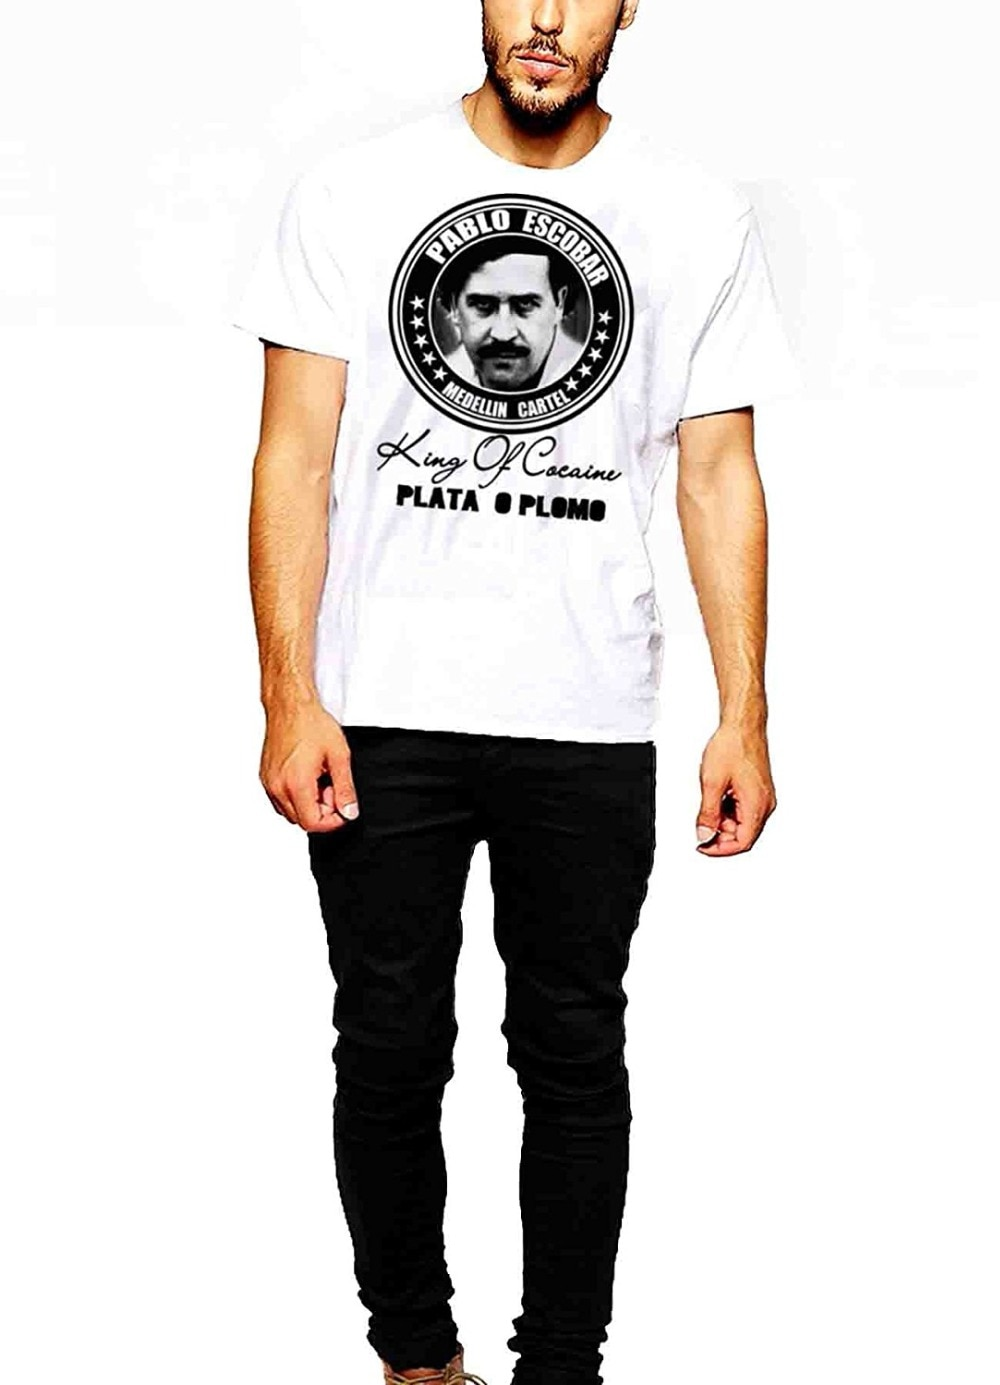 2019 nueva camiseta de verano para hombre, camiseta de Escobar El Patrol Del Cartel de Medellín, Camiseta de algodón Plomo King Of Coke